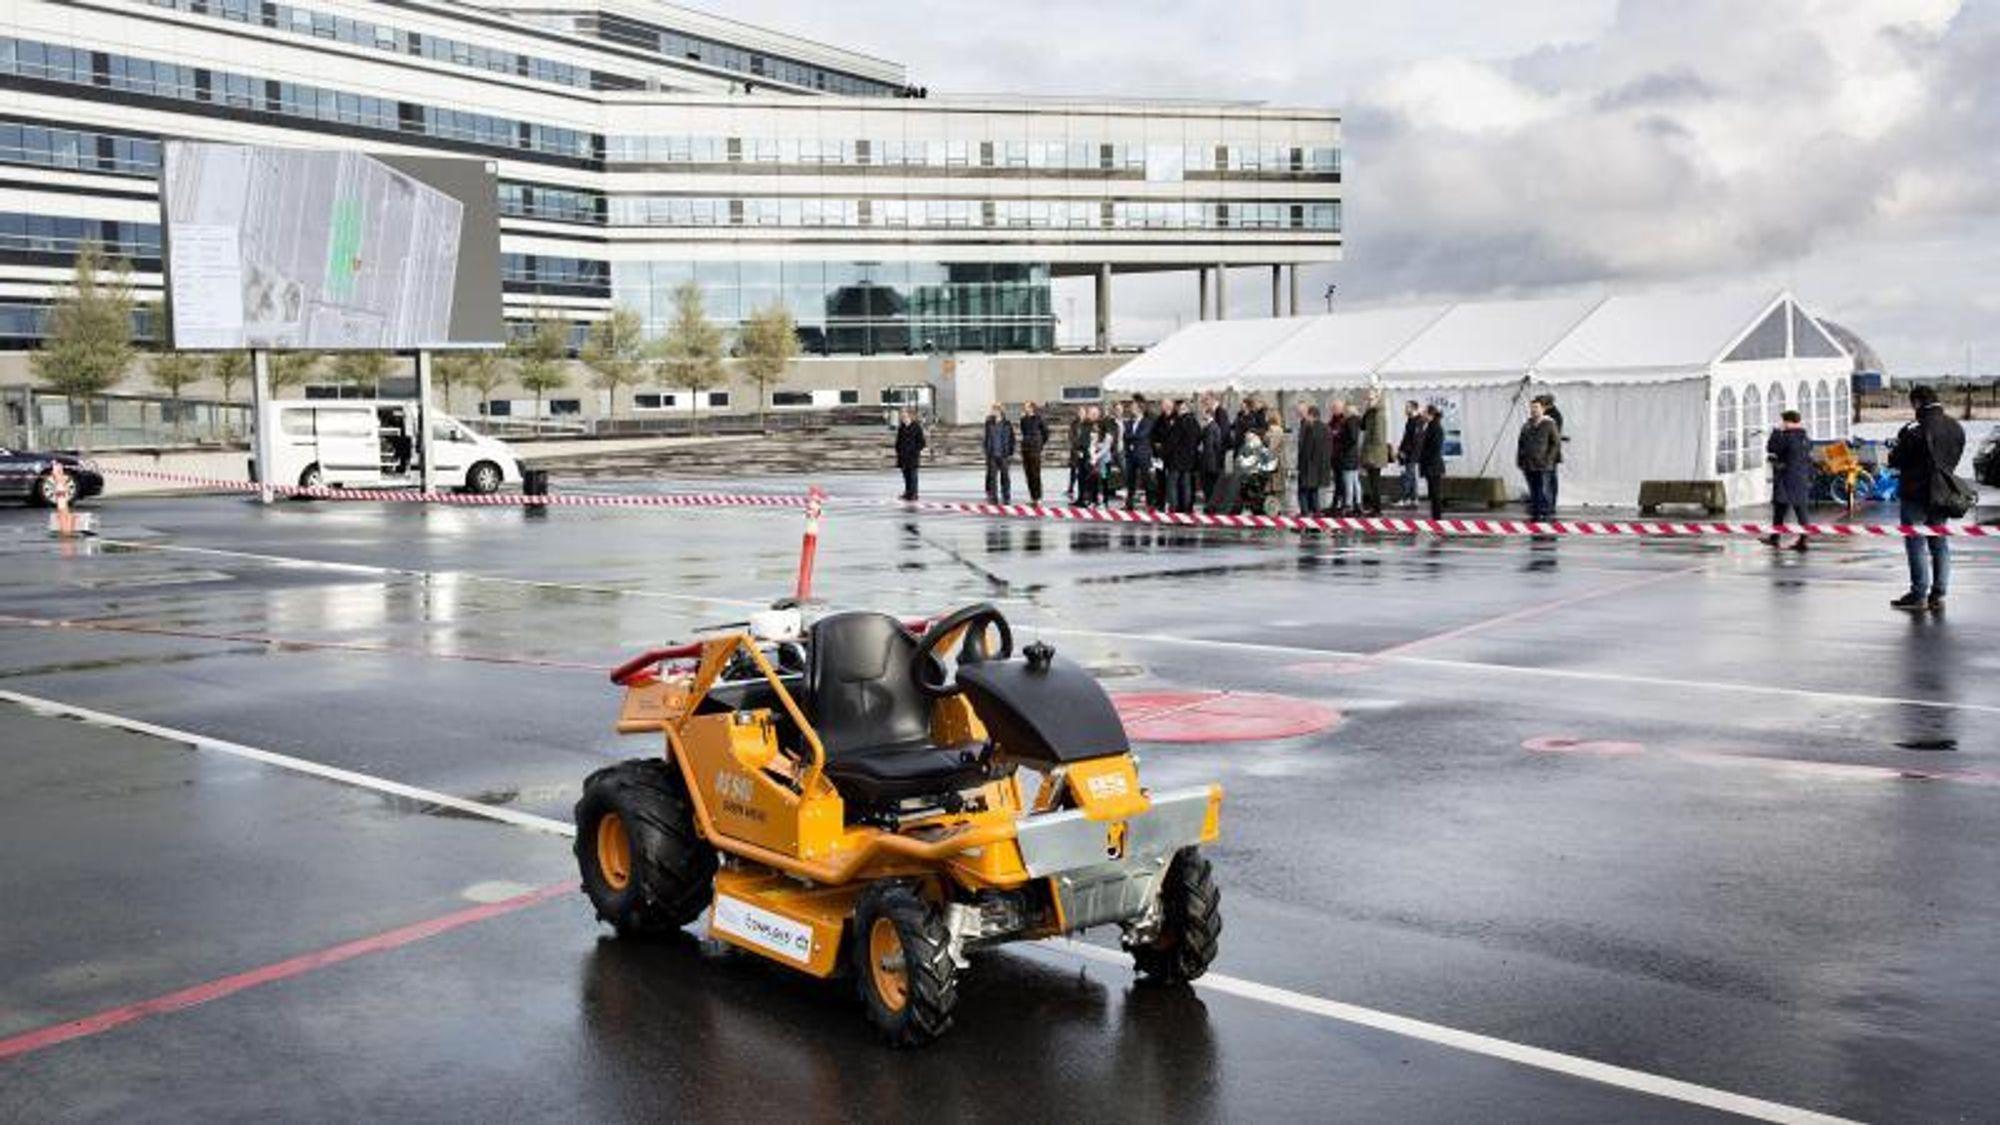 Vestjyske Conpleks Robotech tester en utendørs mobil robot til gressklipping koblet til TAPAS-nettverket i Aarhus. Foto: Styrelsen for Dataforsyning og Effektivisering